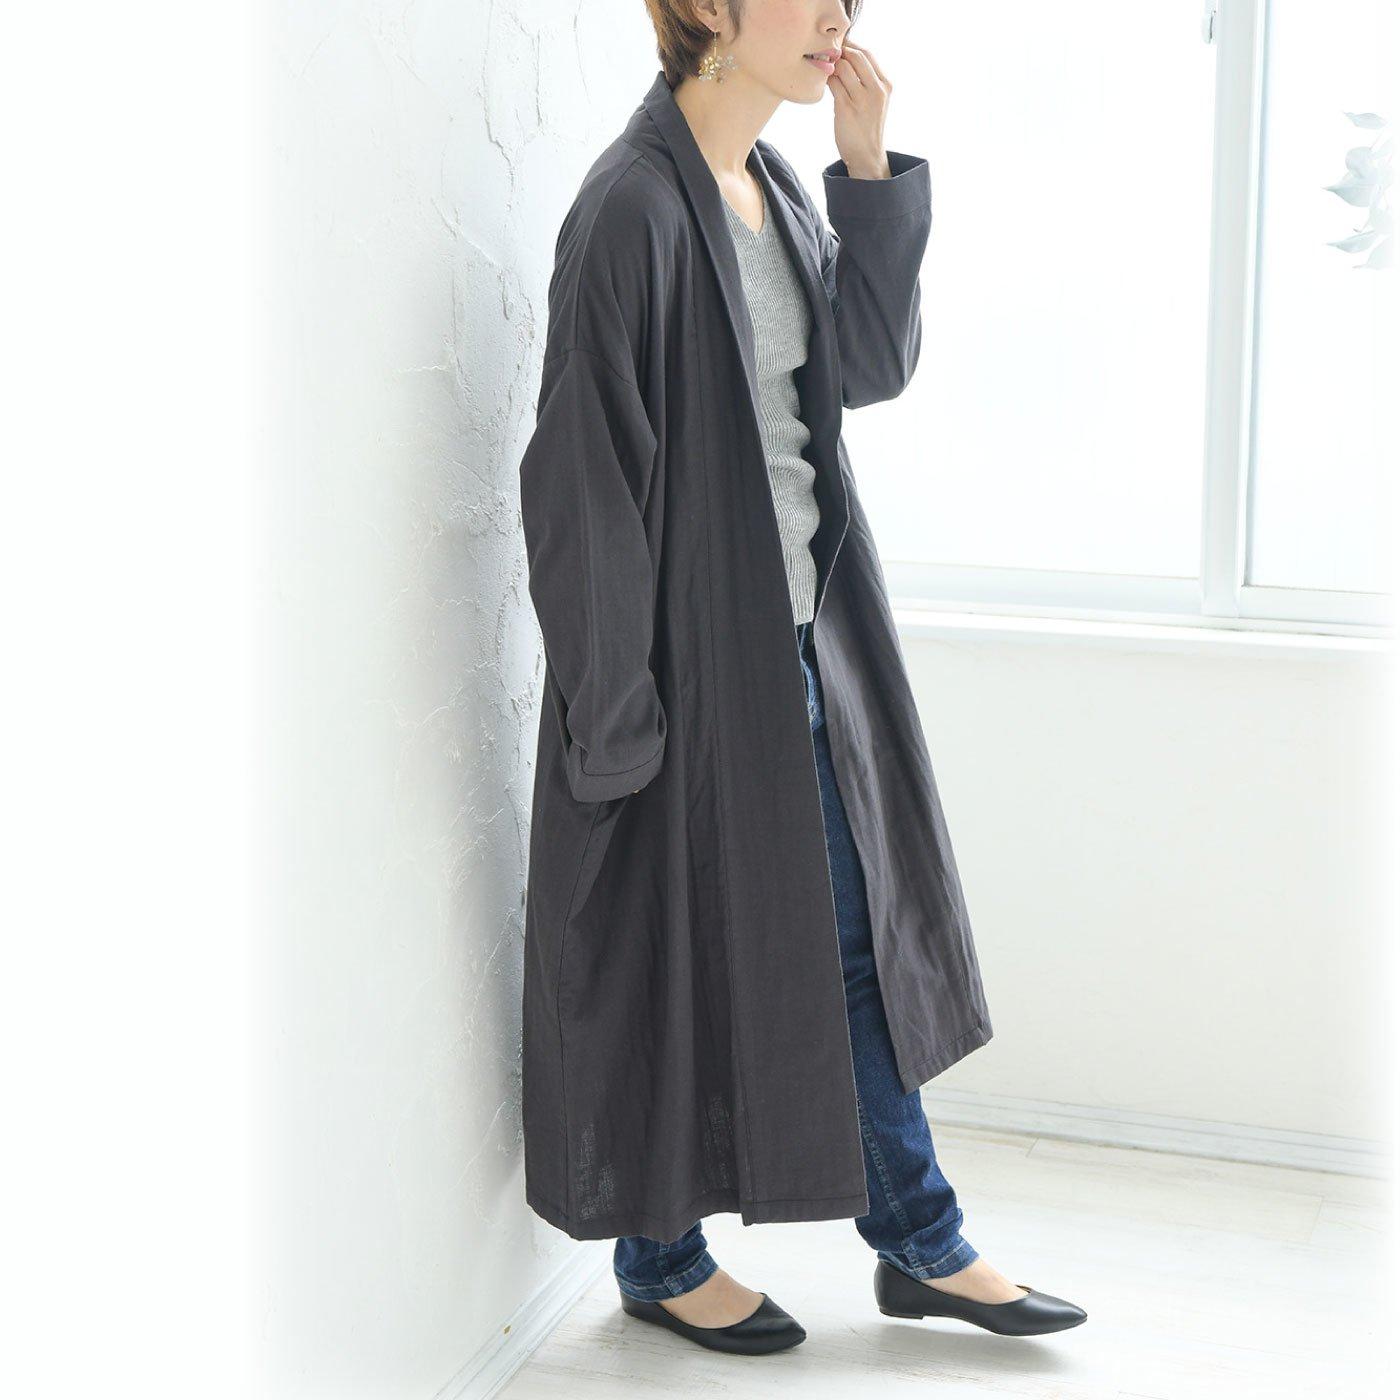 teMite さらっと羽織って大人の余裕感 トッパーロングジャケット